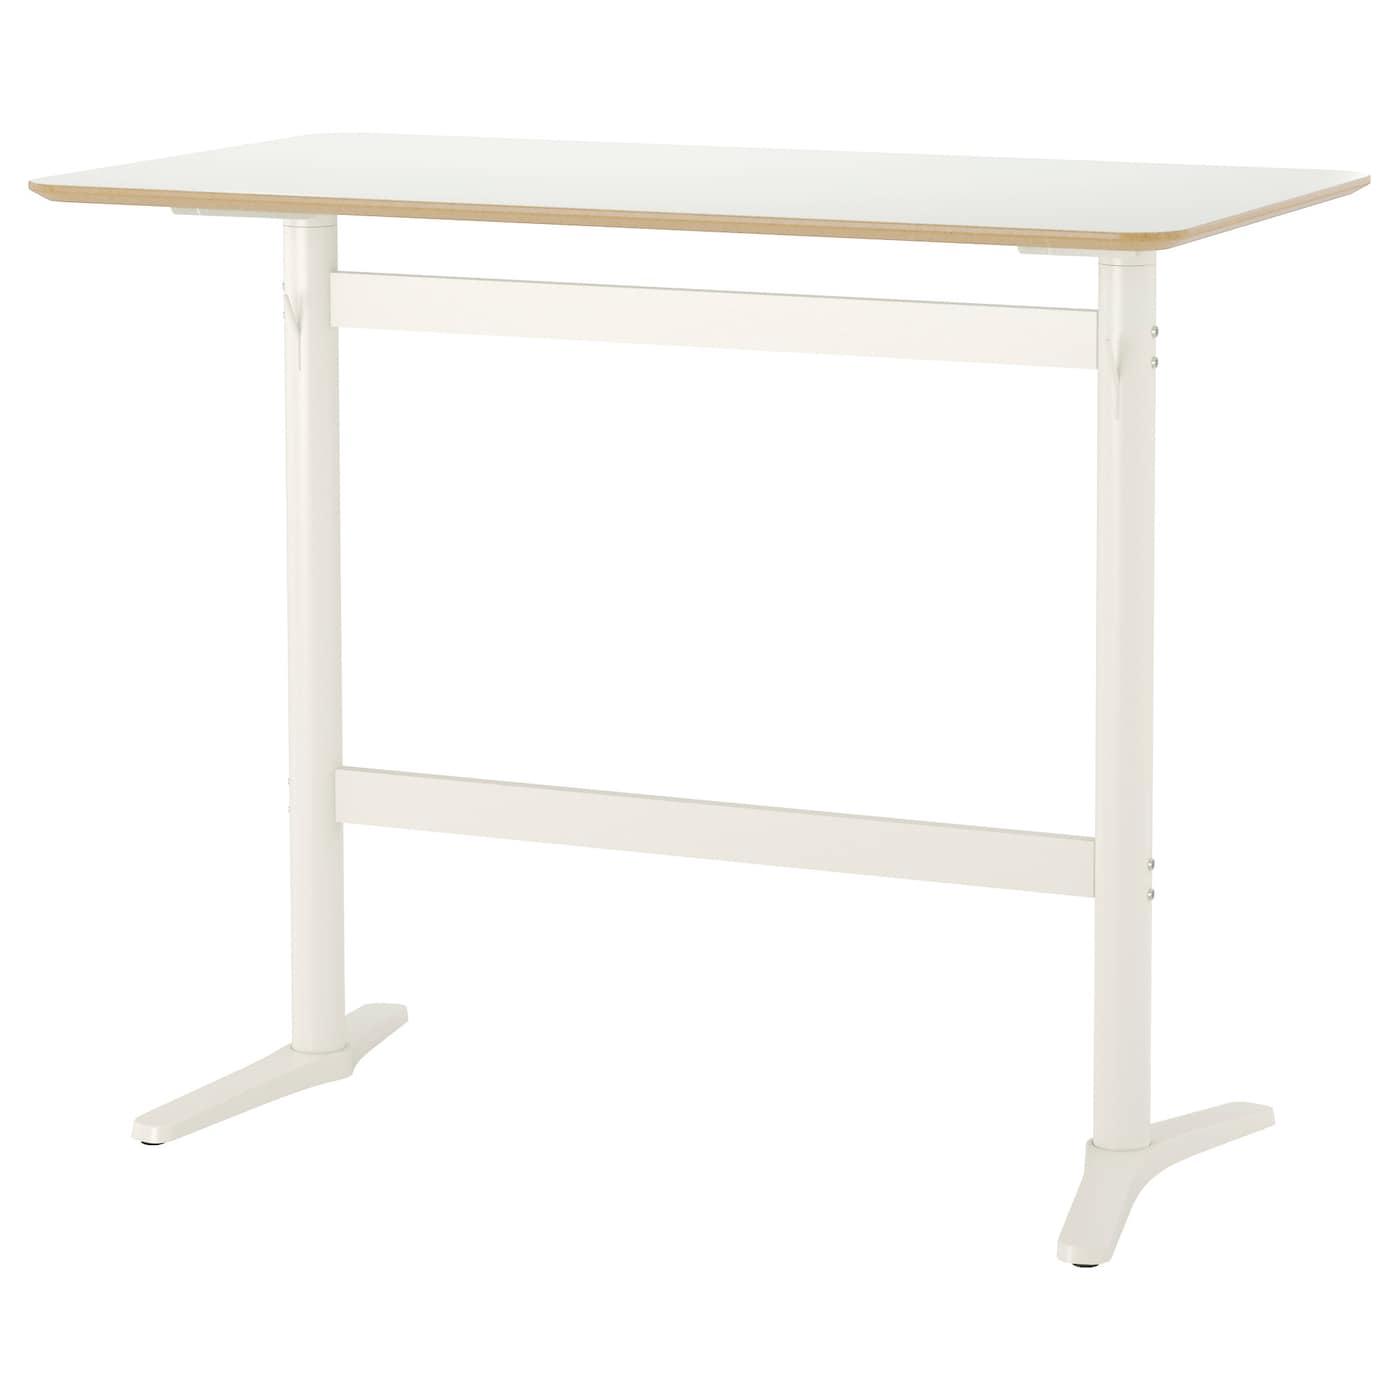 Ikea Wandtisch norberg wandklapptisch ikea